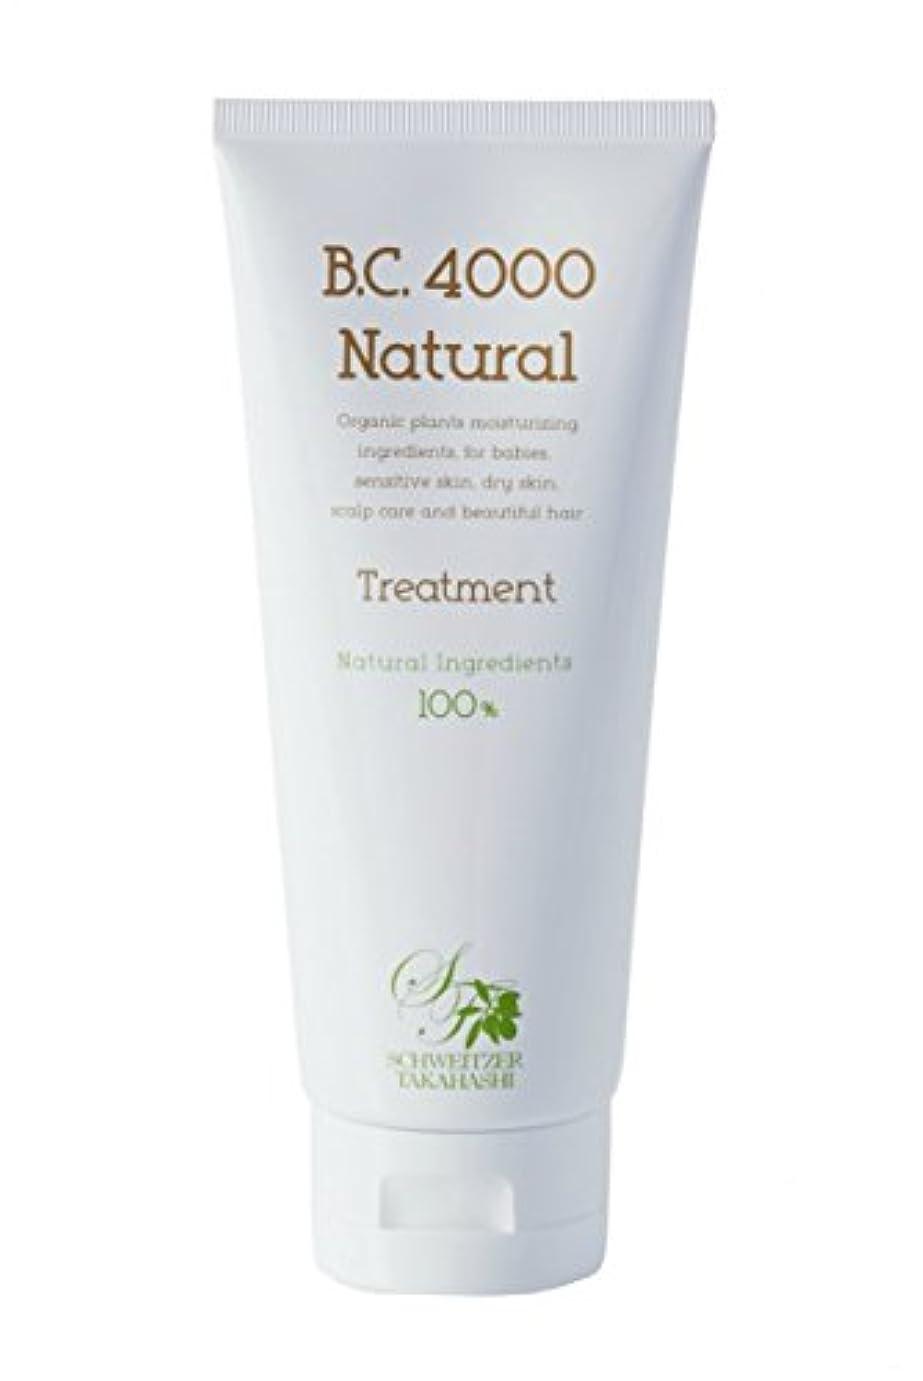 非互換レンディションわかるB.C.4000 100%天然由来 ナチュラル ノンシリコン トリートメント オーガニック植物エキス配合 200g